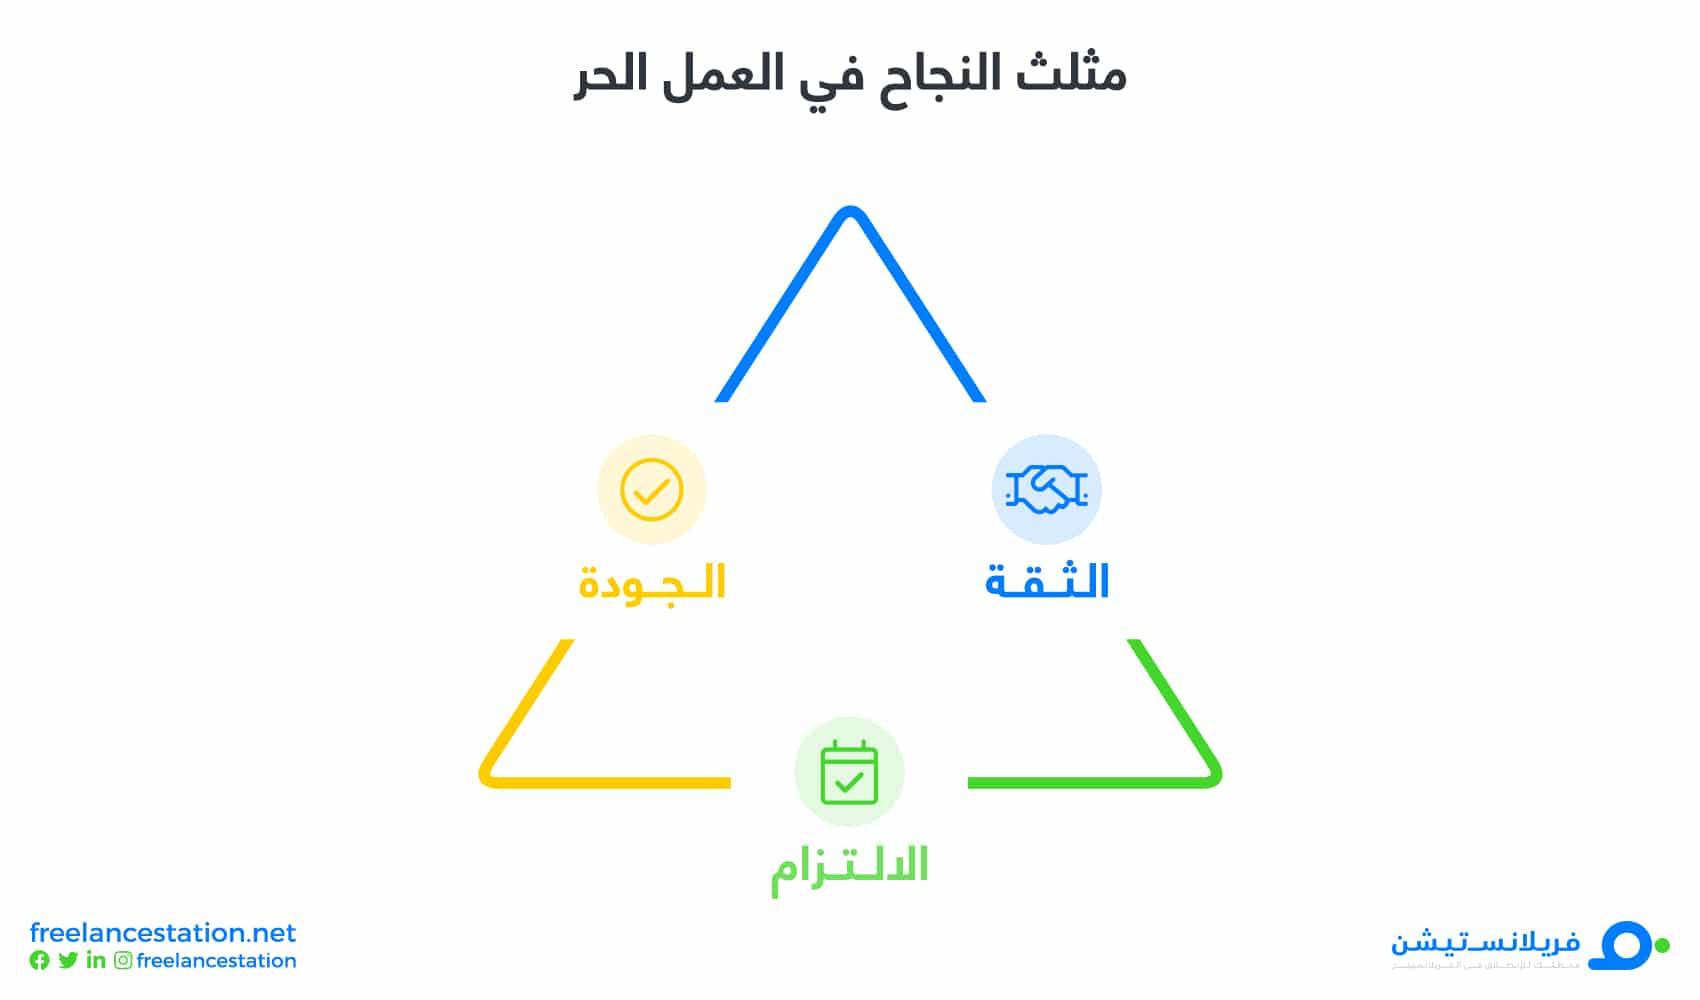 مثلث النجاح في العمل الحر